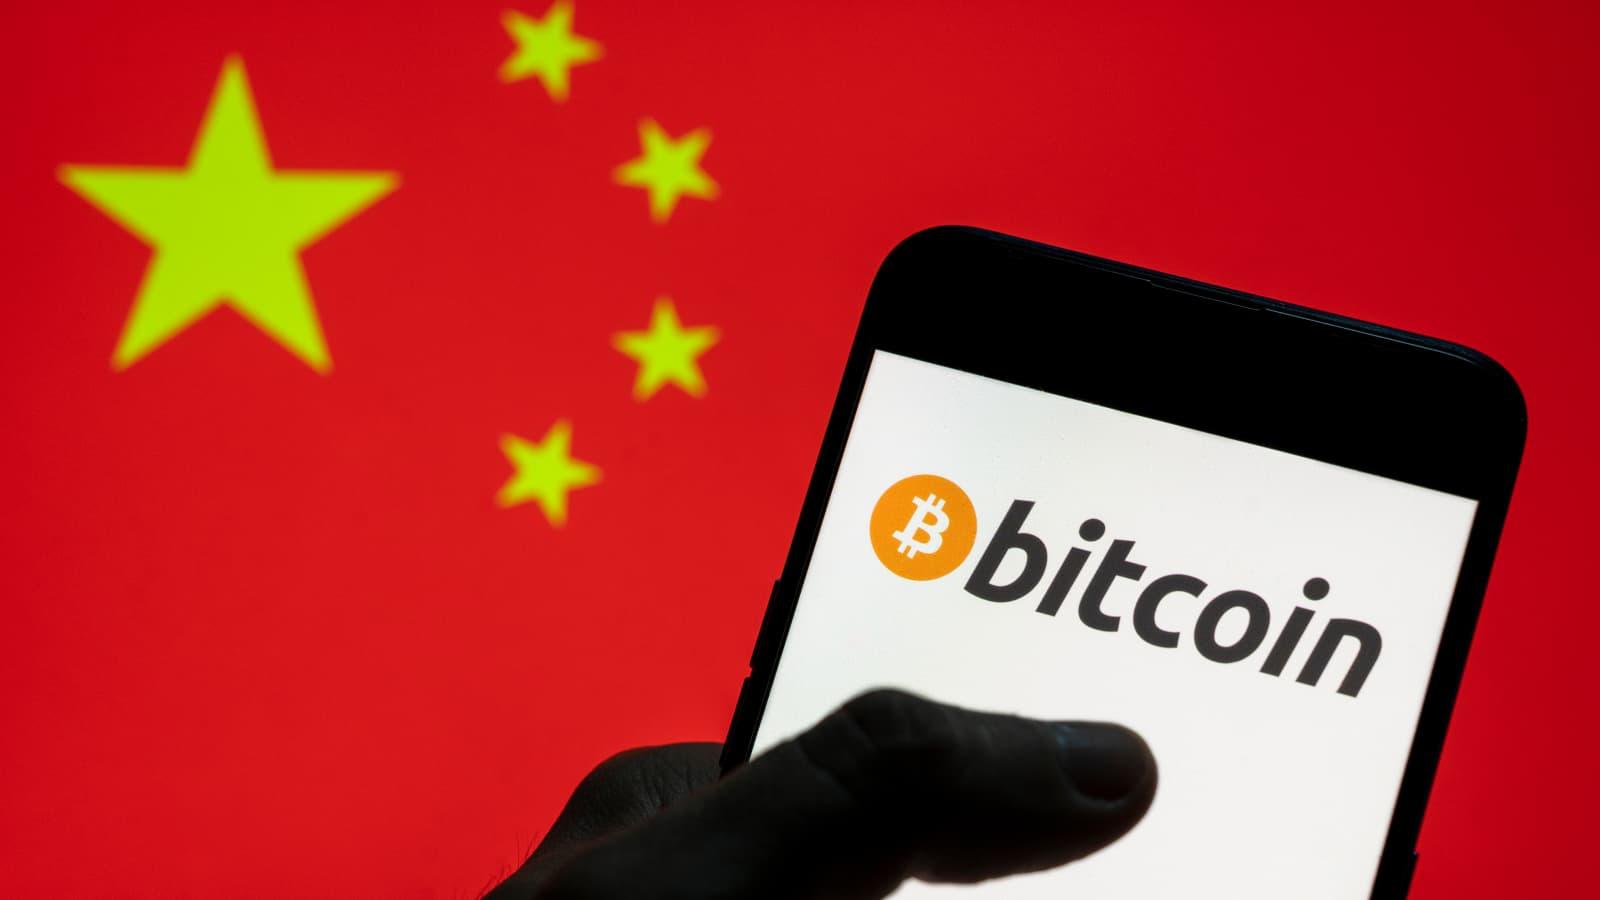 Trung Quốc tiếp tục siết quản lý tiền điện tử, giá bitcoin chìm sâu - Ảnh 1.